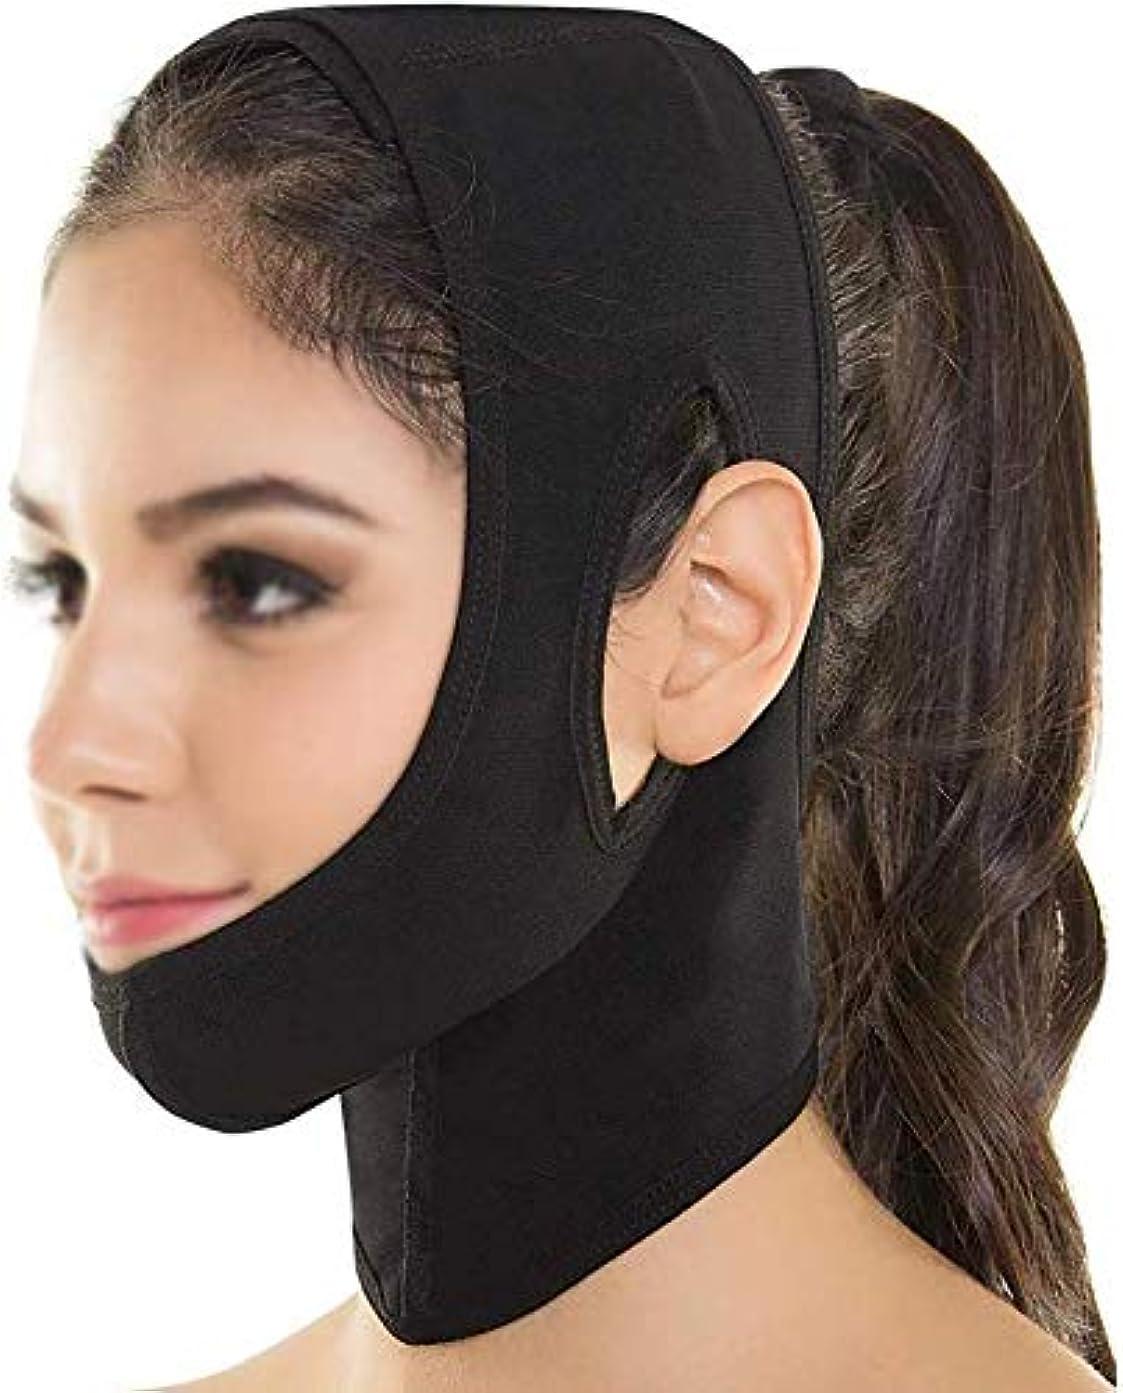 背骨落とし穴失望美容と実用的なフェイスリフトマスク、シリコンVフェイスマスクリフティングフェイスマスクフェイスリフティングアーティファクトリフティングダブルチン術後包帯フェイスアンドネックリフト(色:黒)